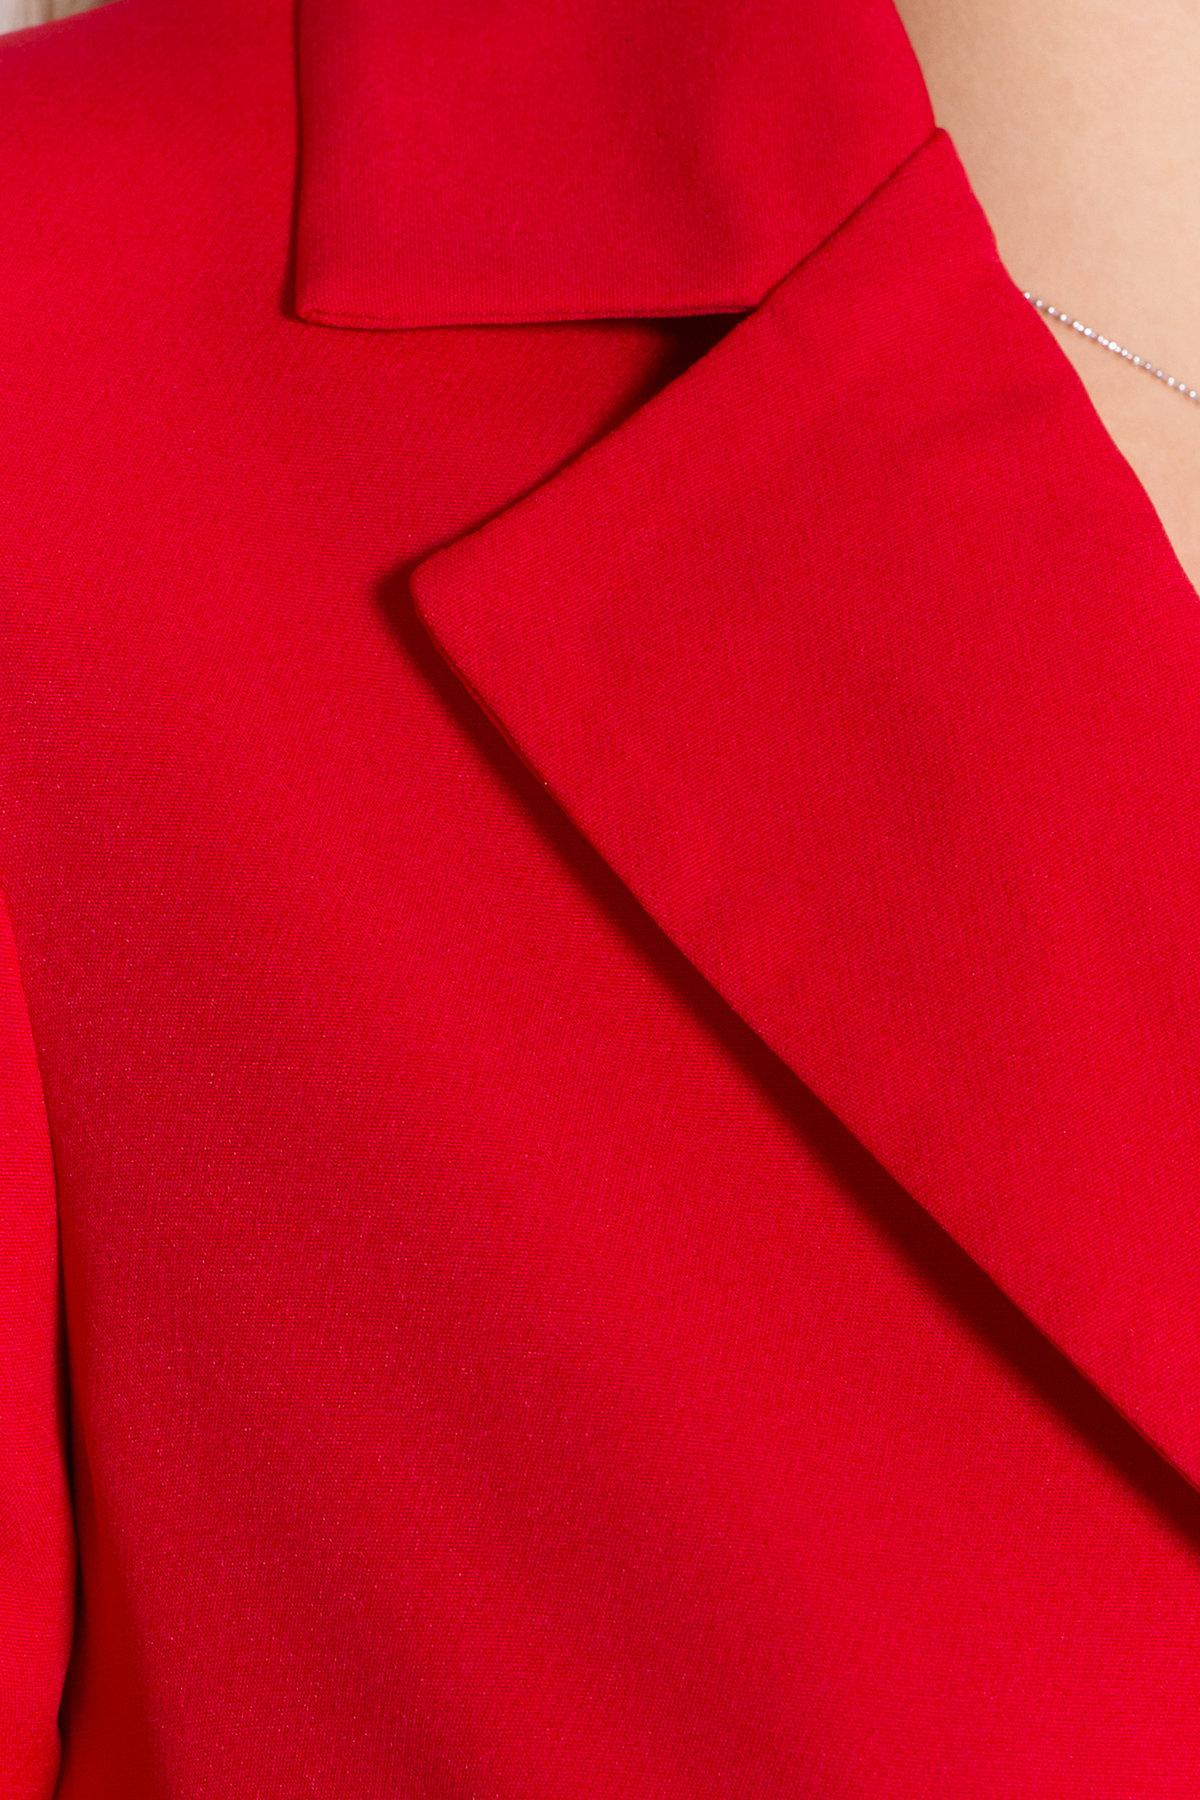 Стильное платье-жакет Маркиза 8095 АРТ. 44461 Цвет: Красный - фото 4, интернет магазин tm-modus.ru